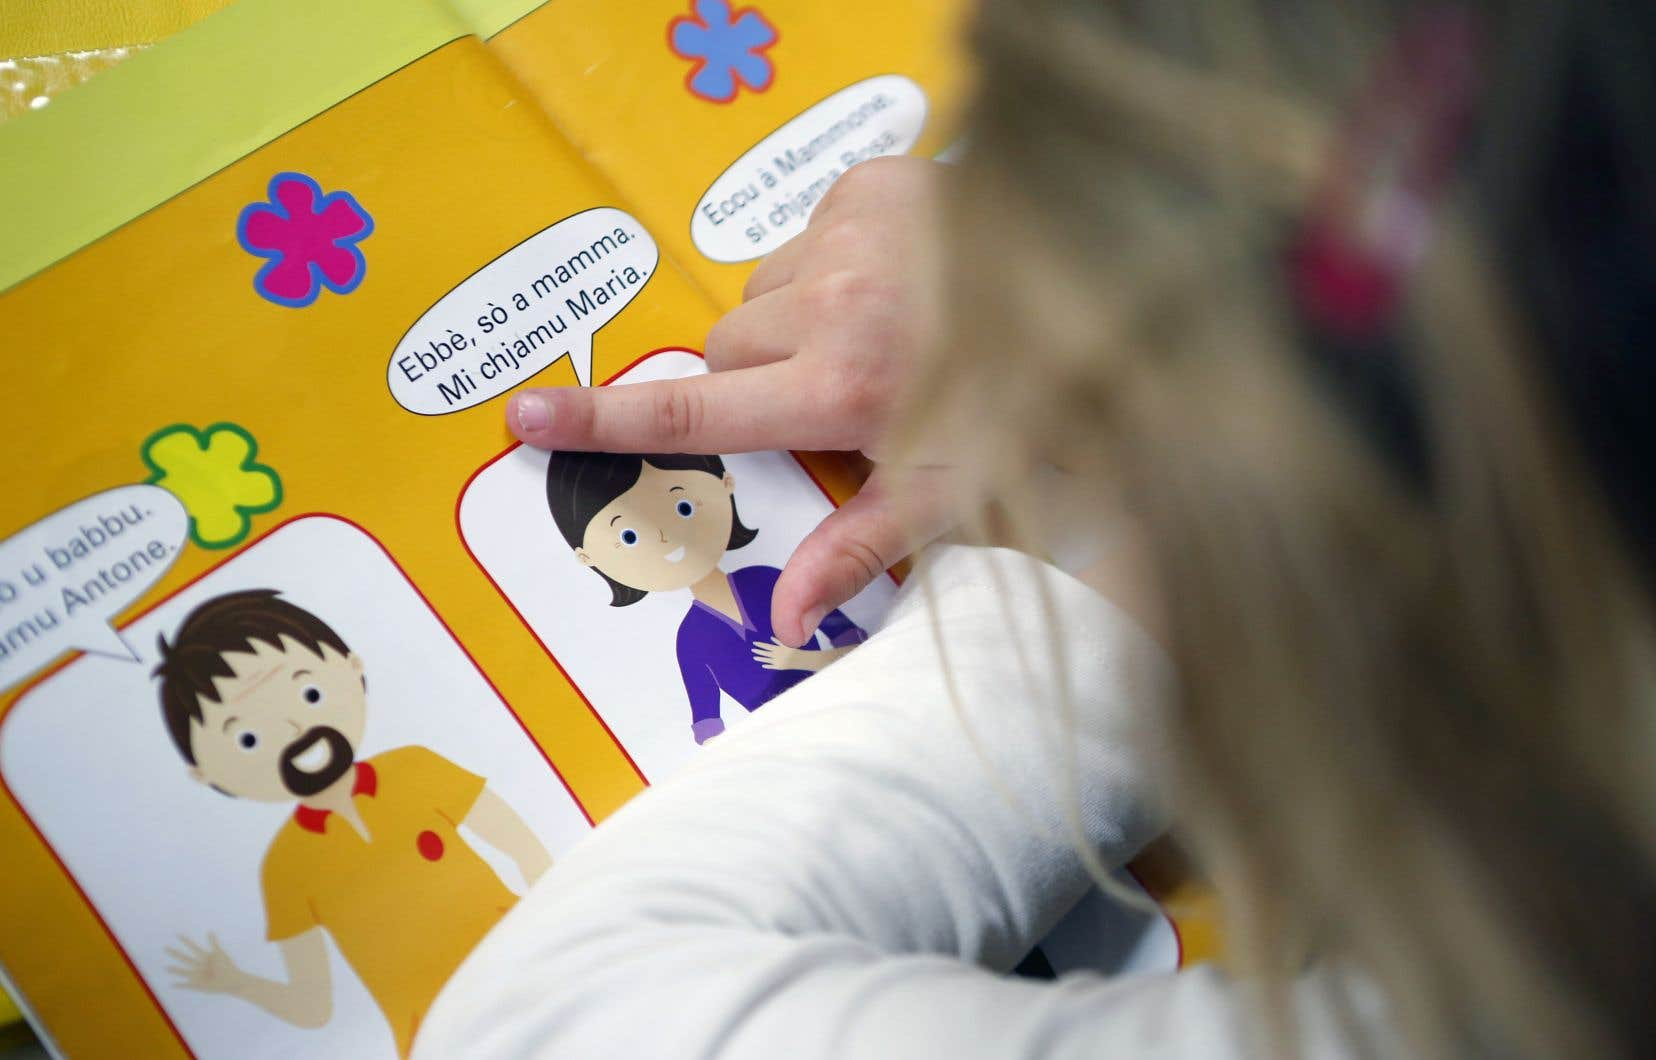 Les rudiments de la langue corse sont enseignés à l'école,mais la plupart des enfants n'en auront jamais la maîtrise véritable.